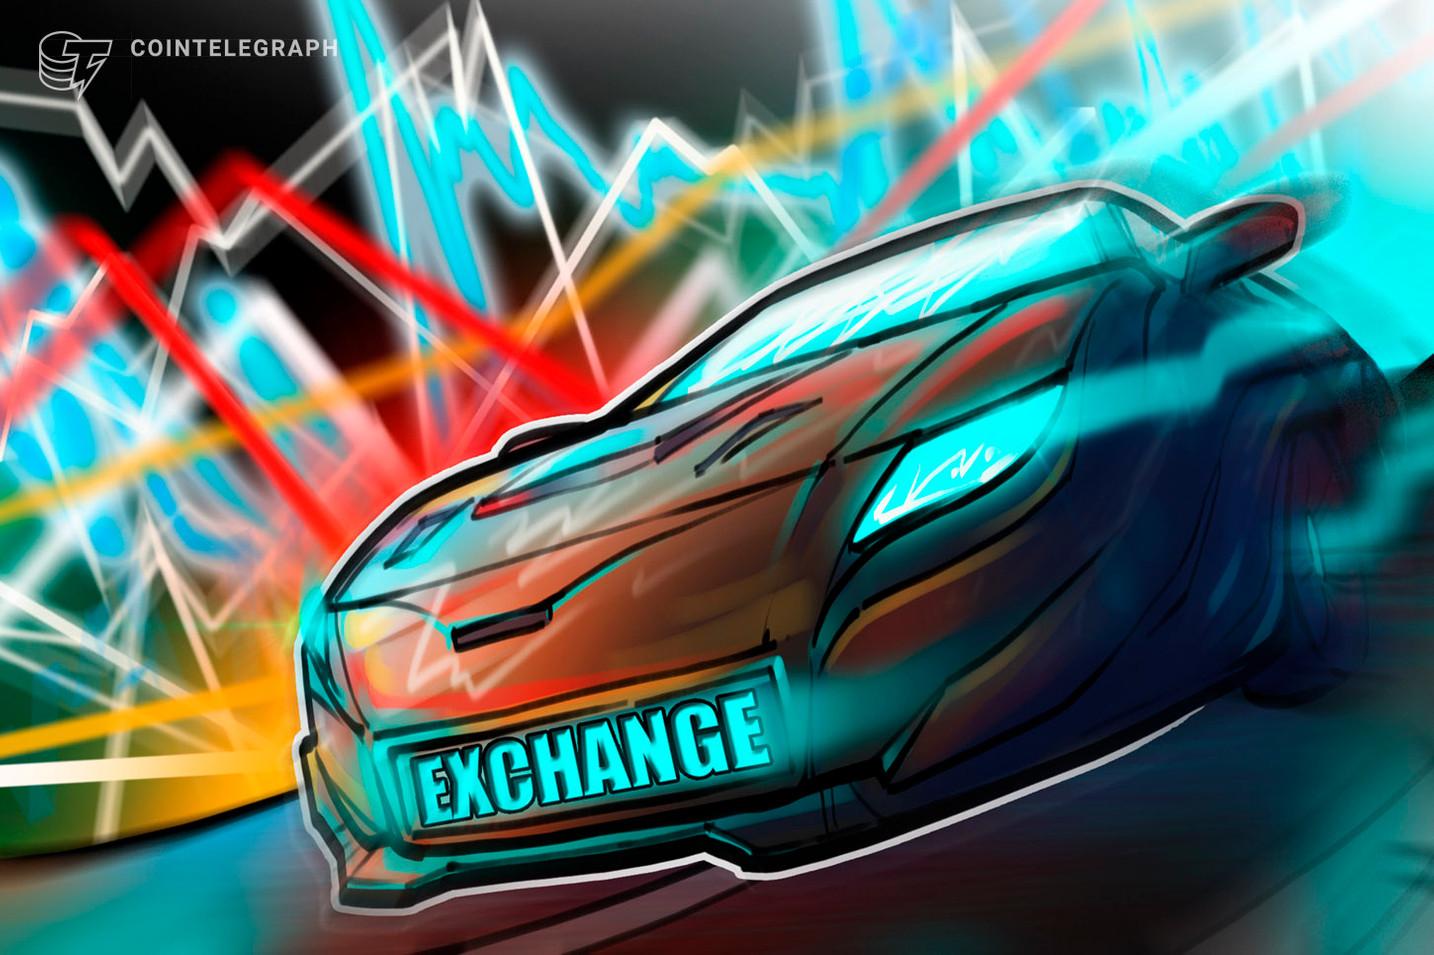 Exchanges de criptomonedas: reduciendo la brecha entre la soberanía y la eficiencia